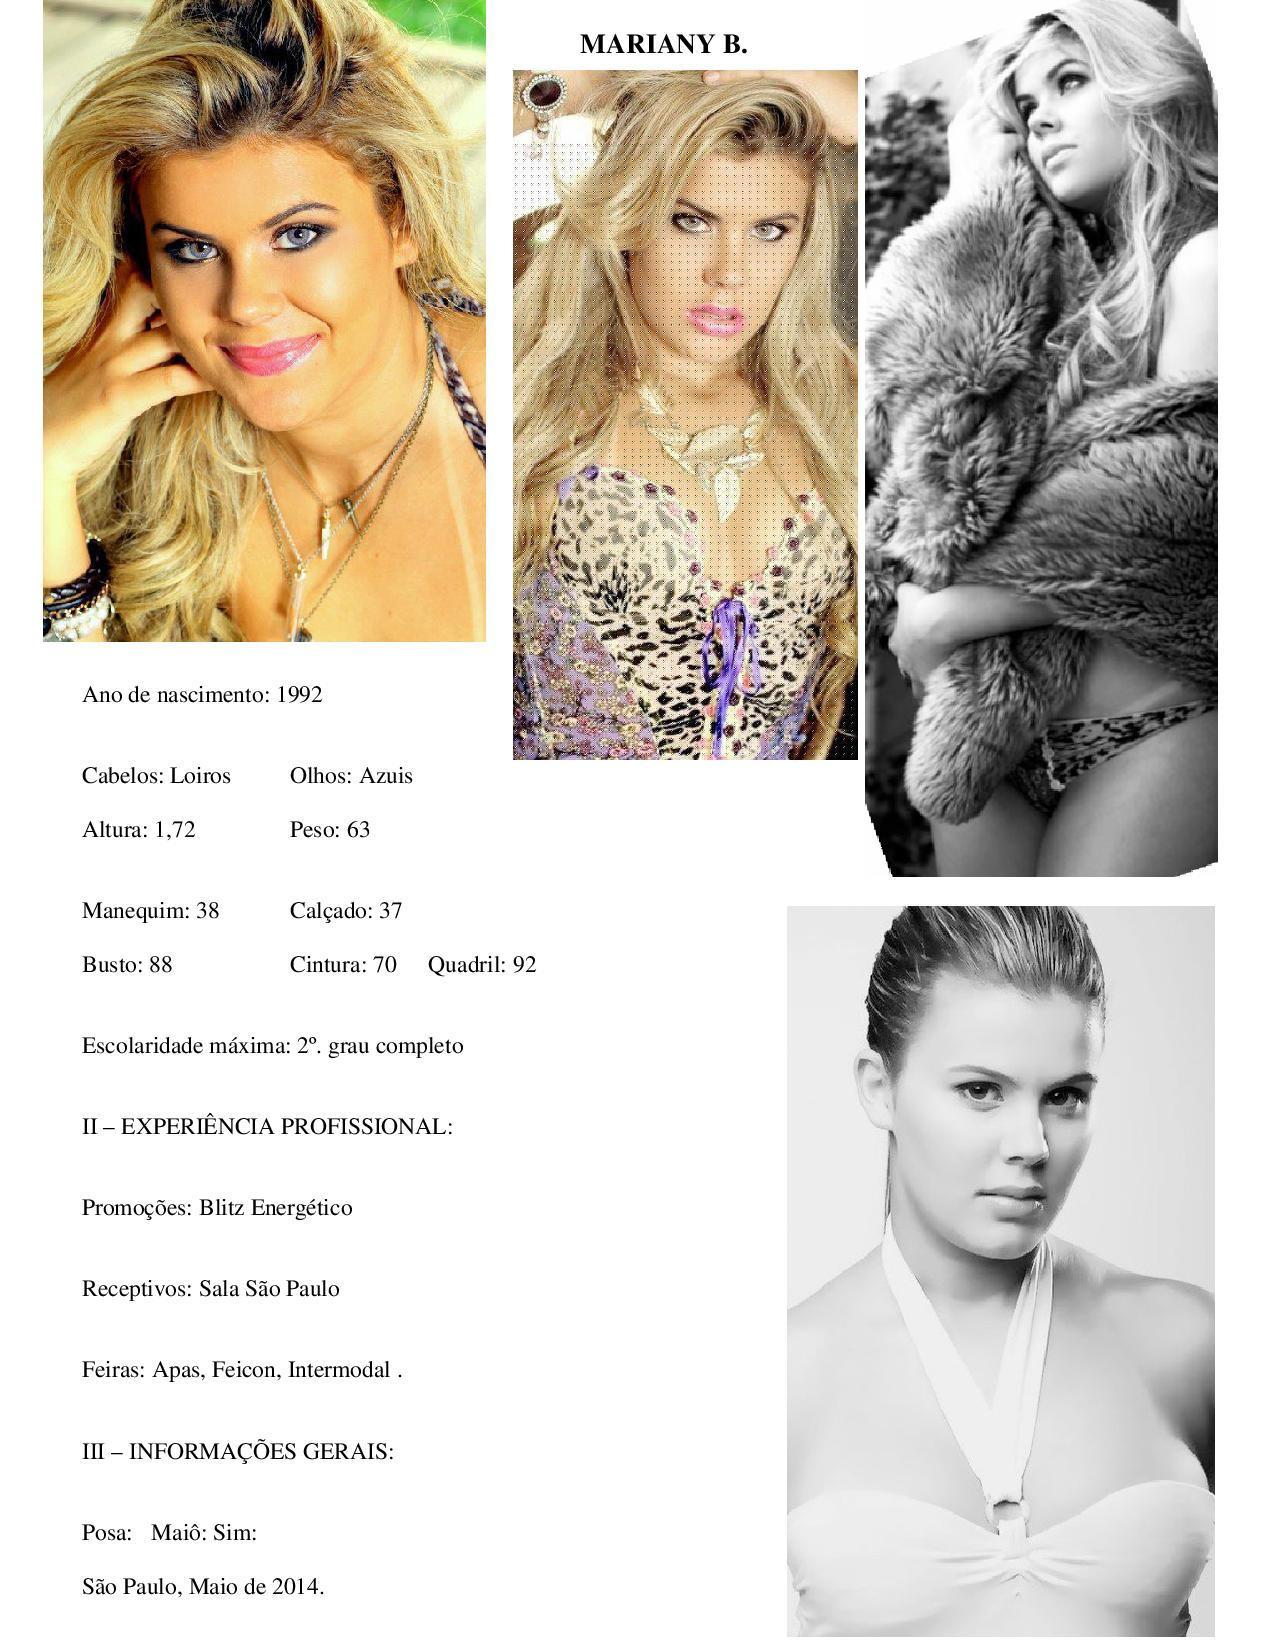 Mariany Beseg-page-001